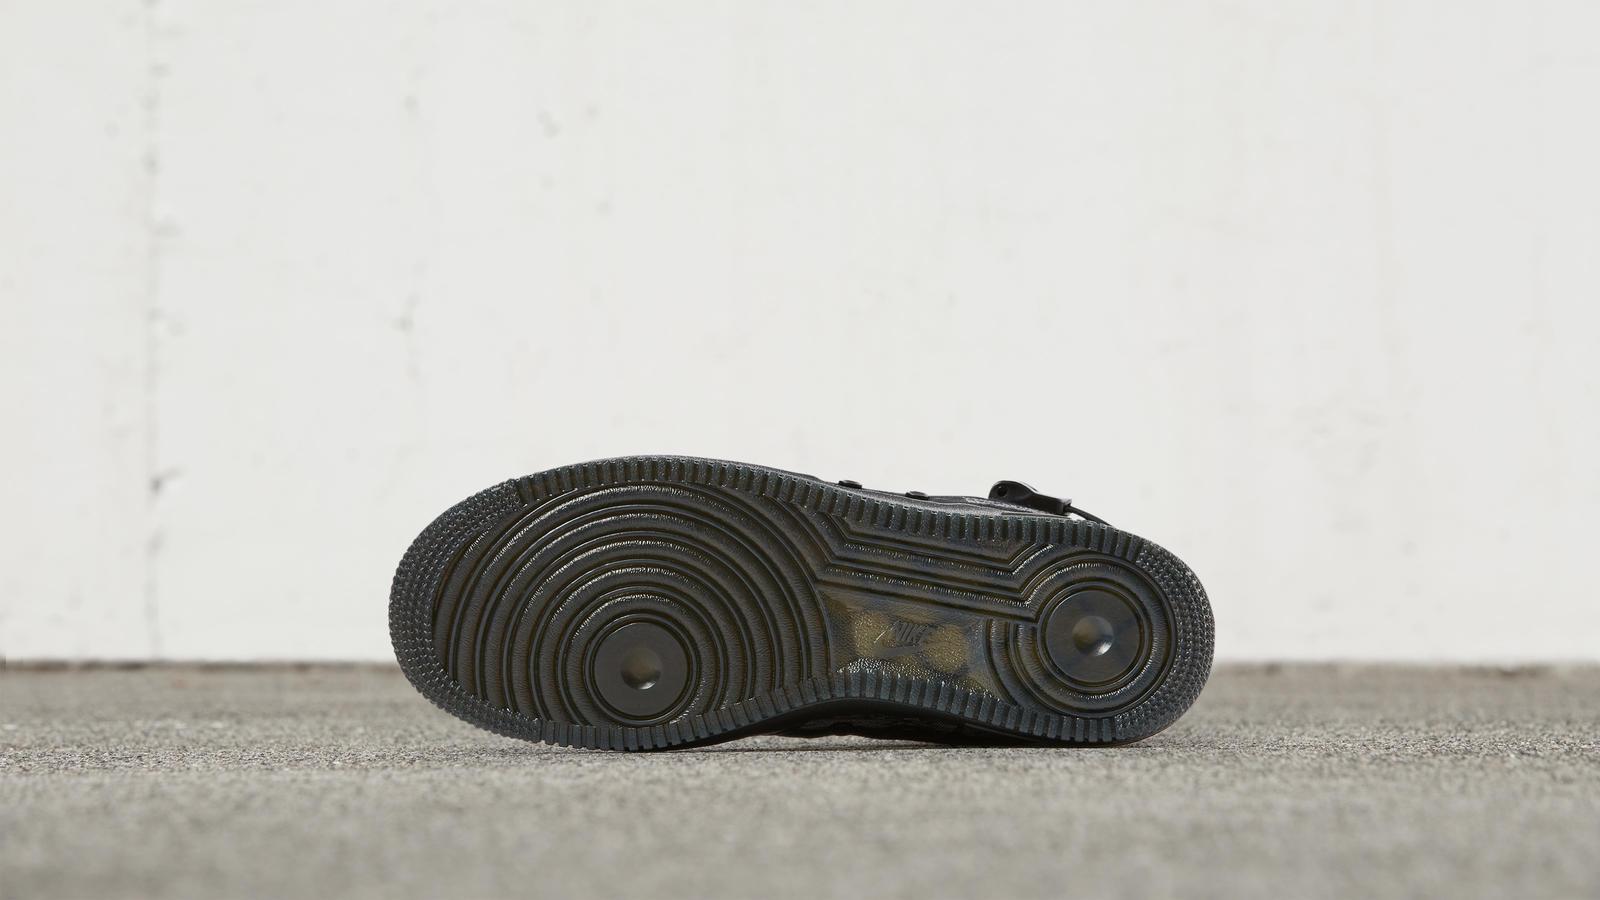 ナイキ スペシャル フィールド エアフォース1 ミッド ブラック/ブラック-タイガーストライプカモ 6枚目